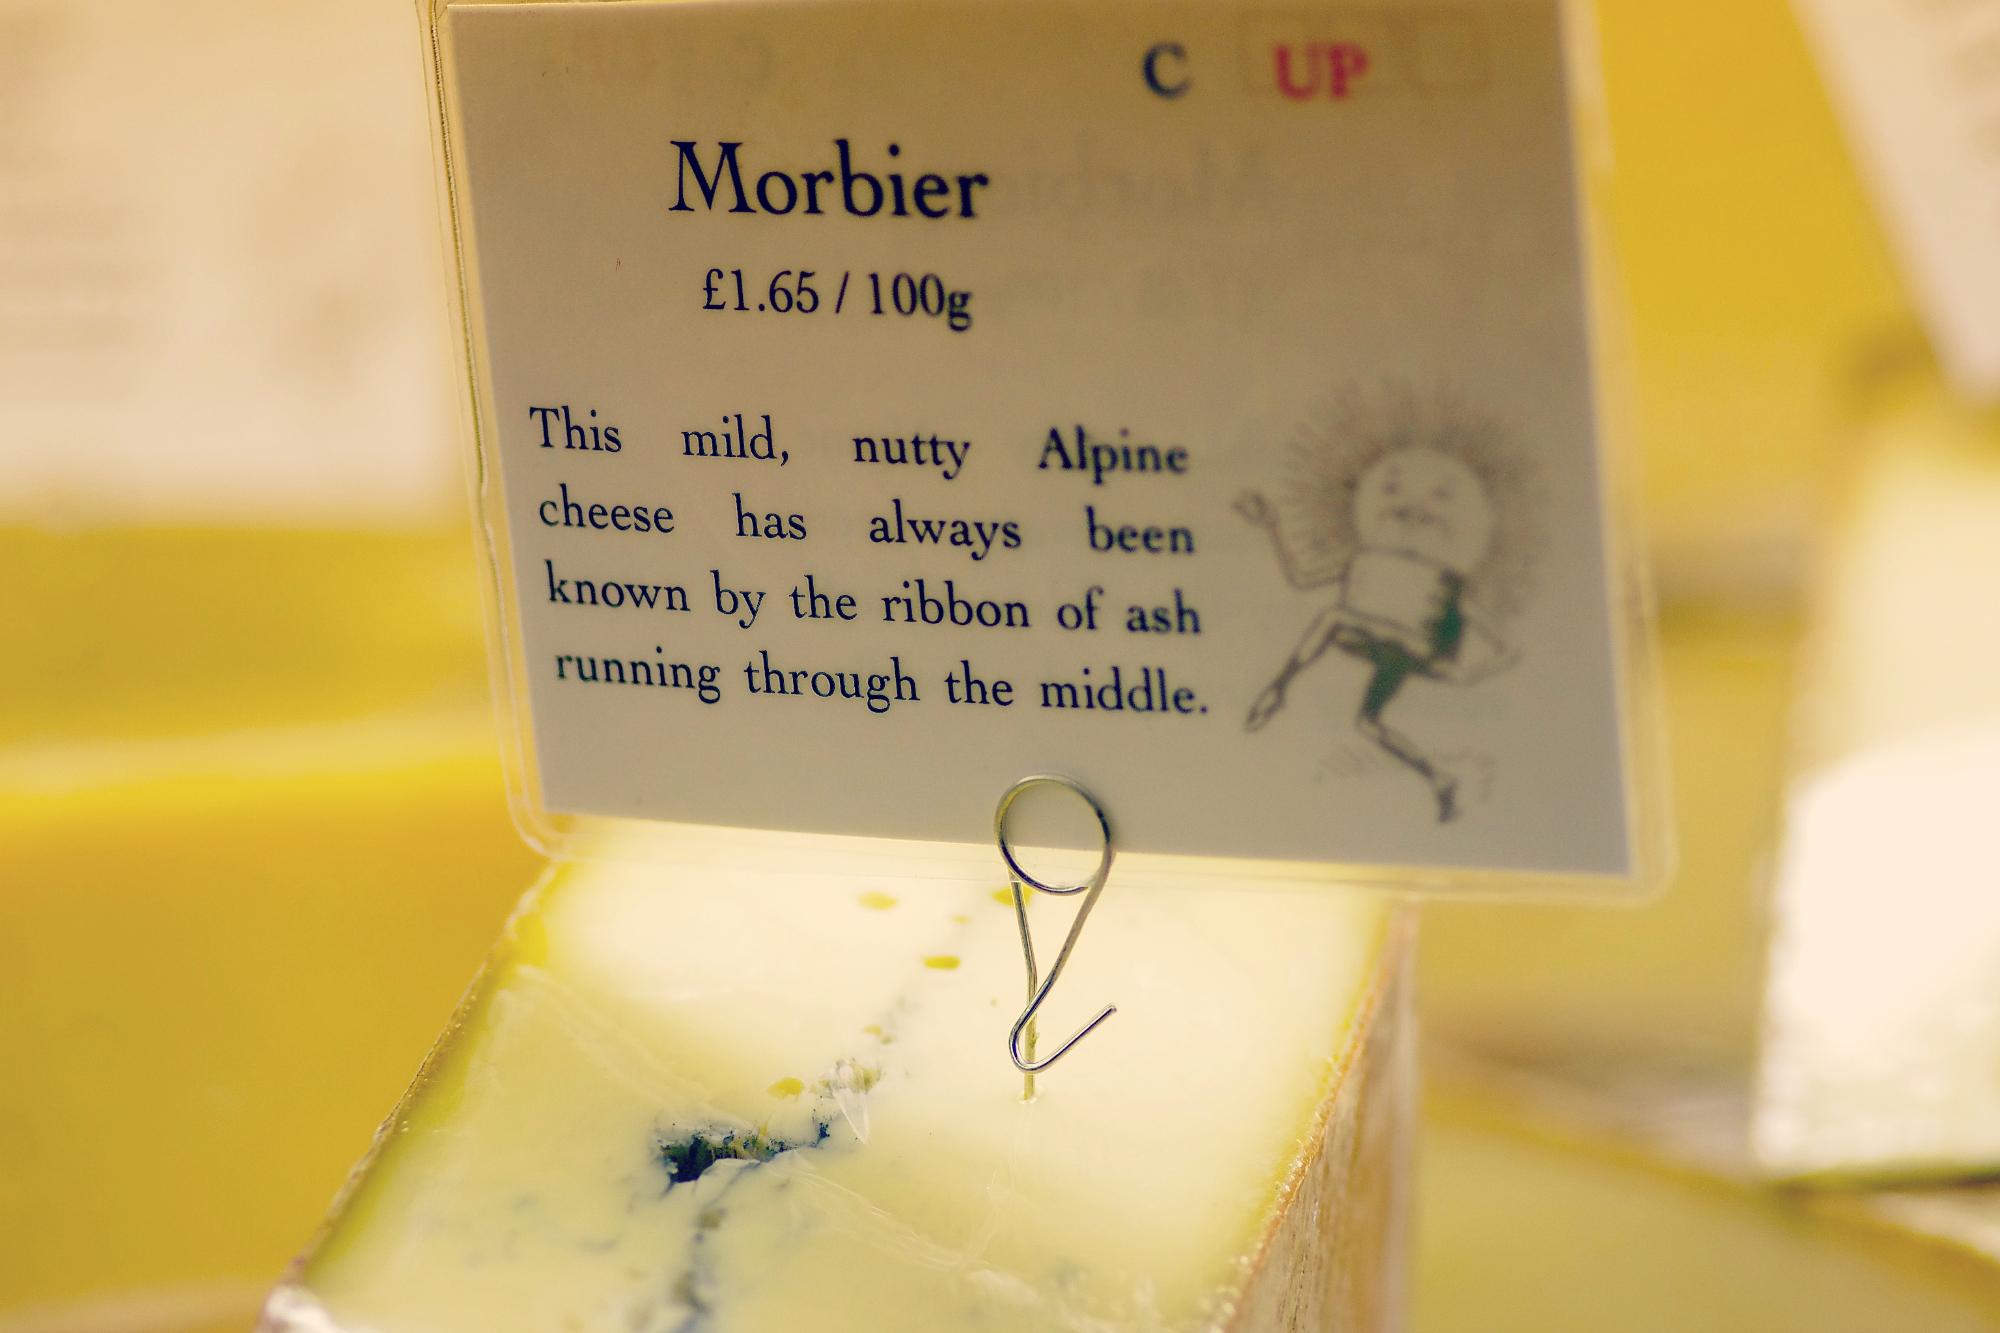 cheesemorbier